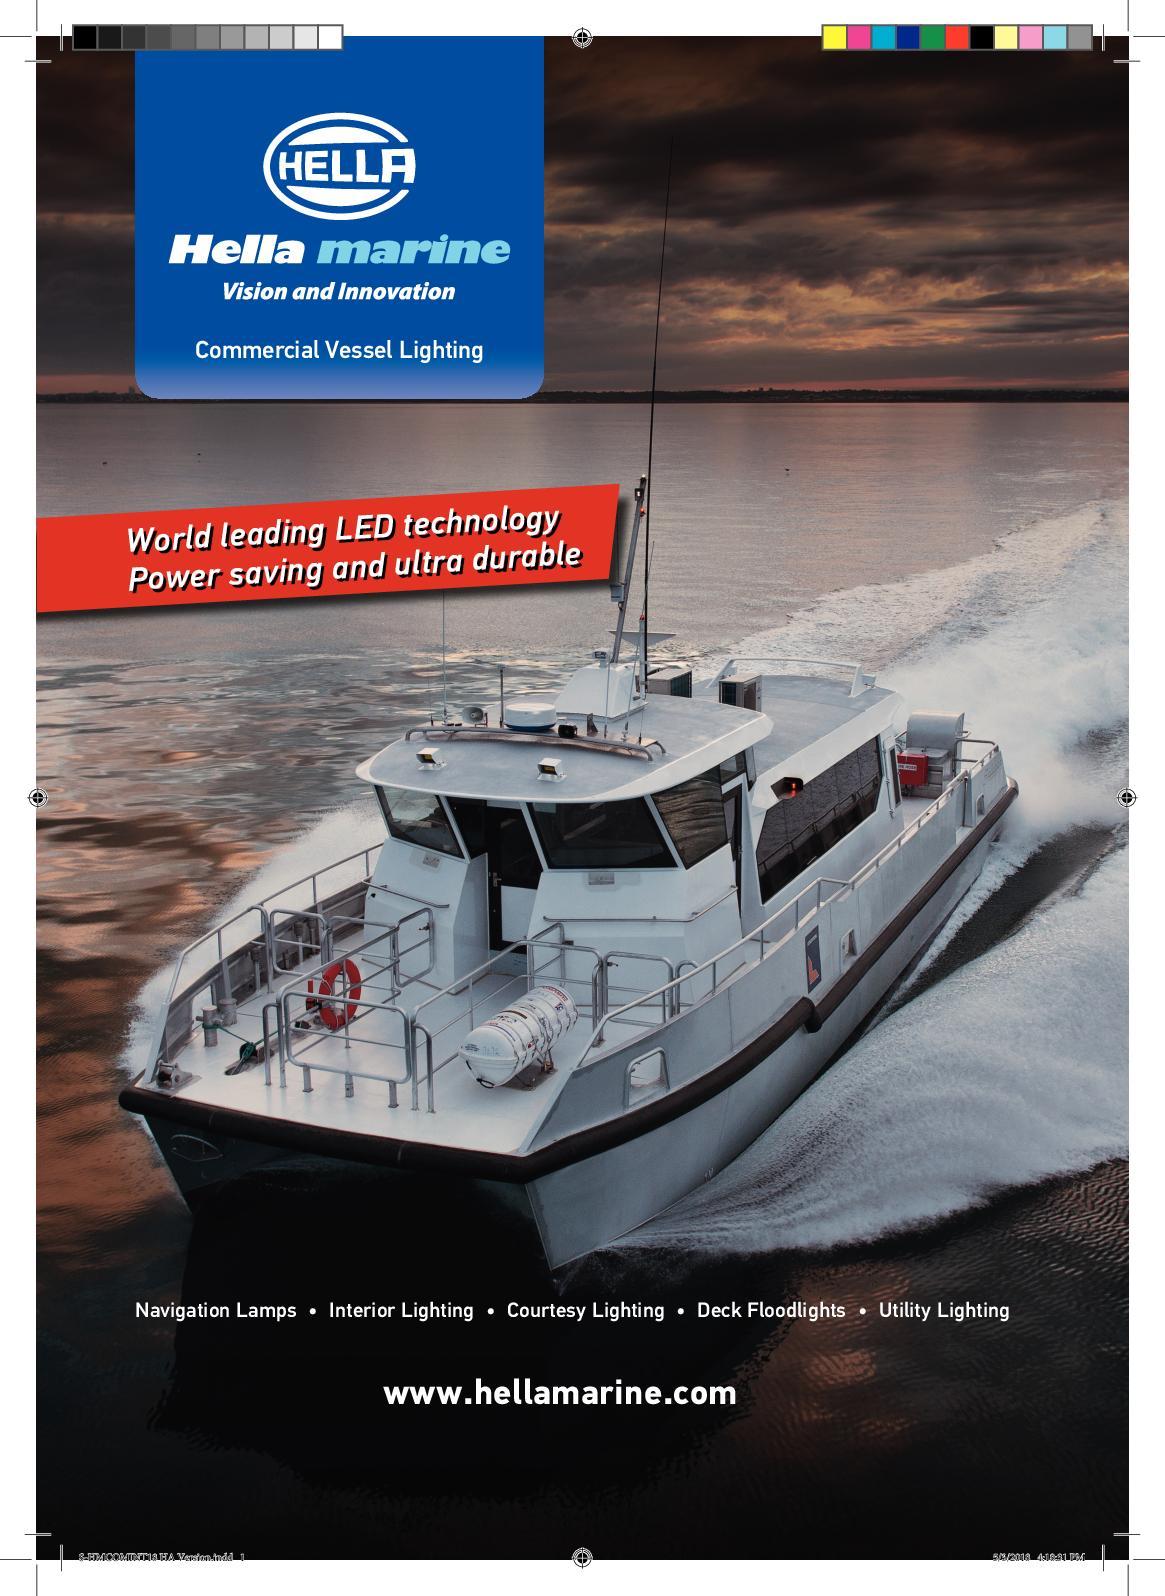 24V 25W Anchor NAV LIGHT Boat Marine Fixed Mount 360 Degree All-Round